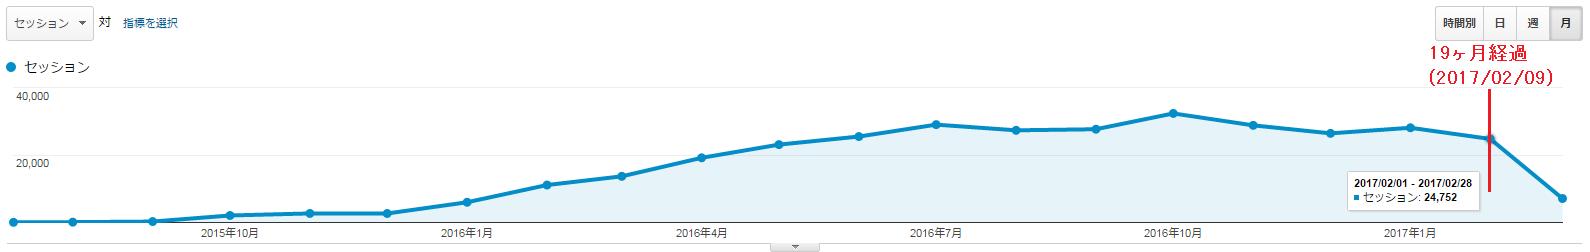 新規ドメイン取得から20ヶ月(1年8ヶ月)が経過した当サイトのアクセス数